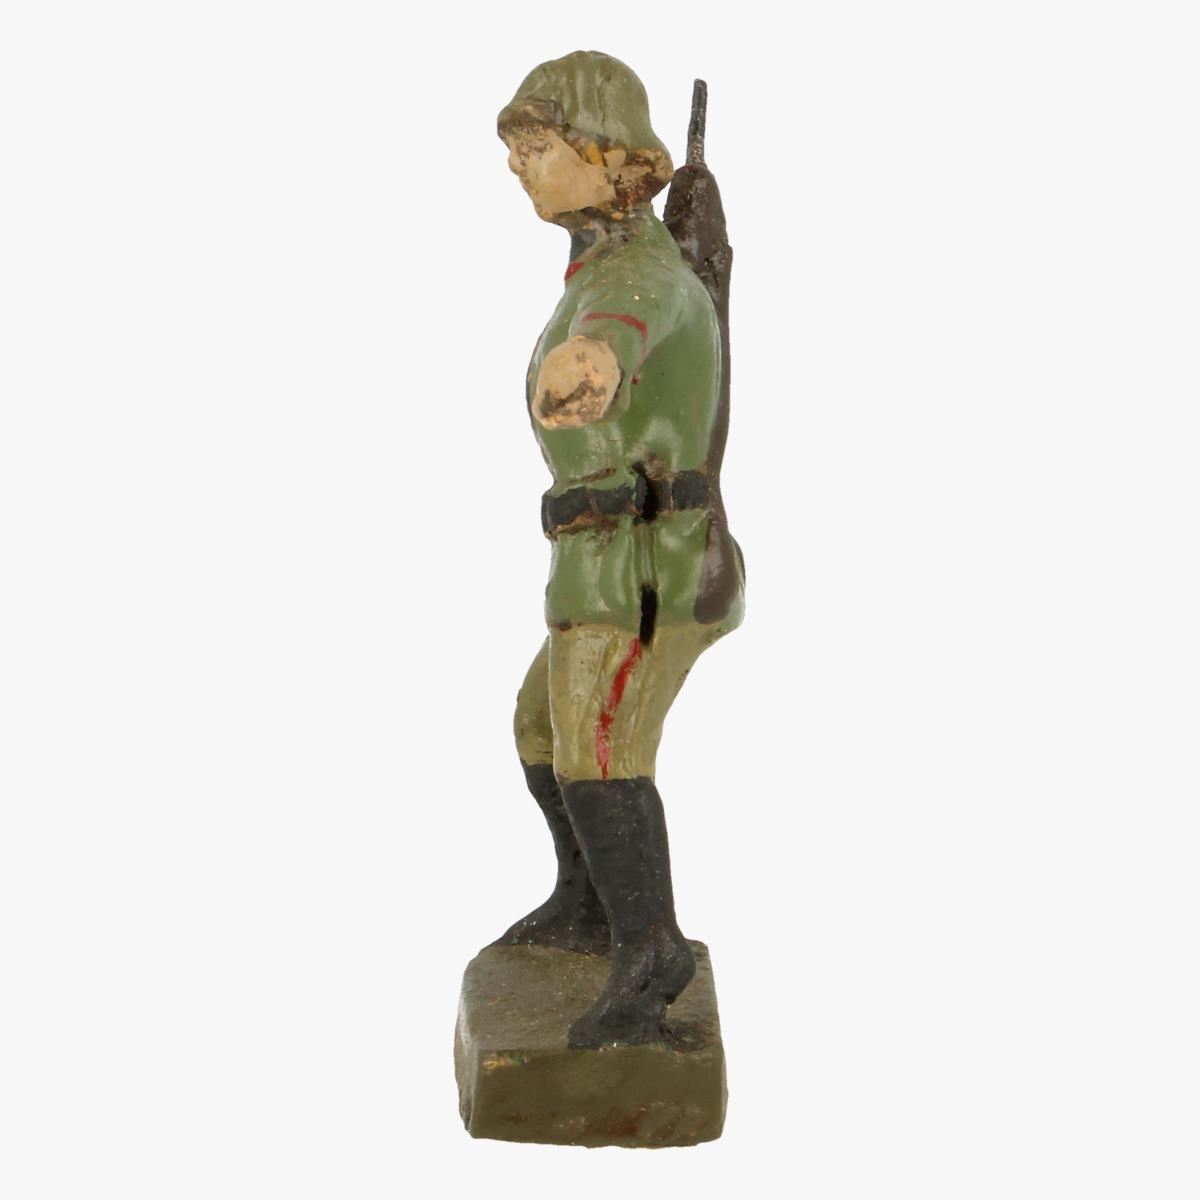 Afbeeldingen van elastolin soldaatje leyla